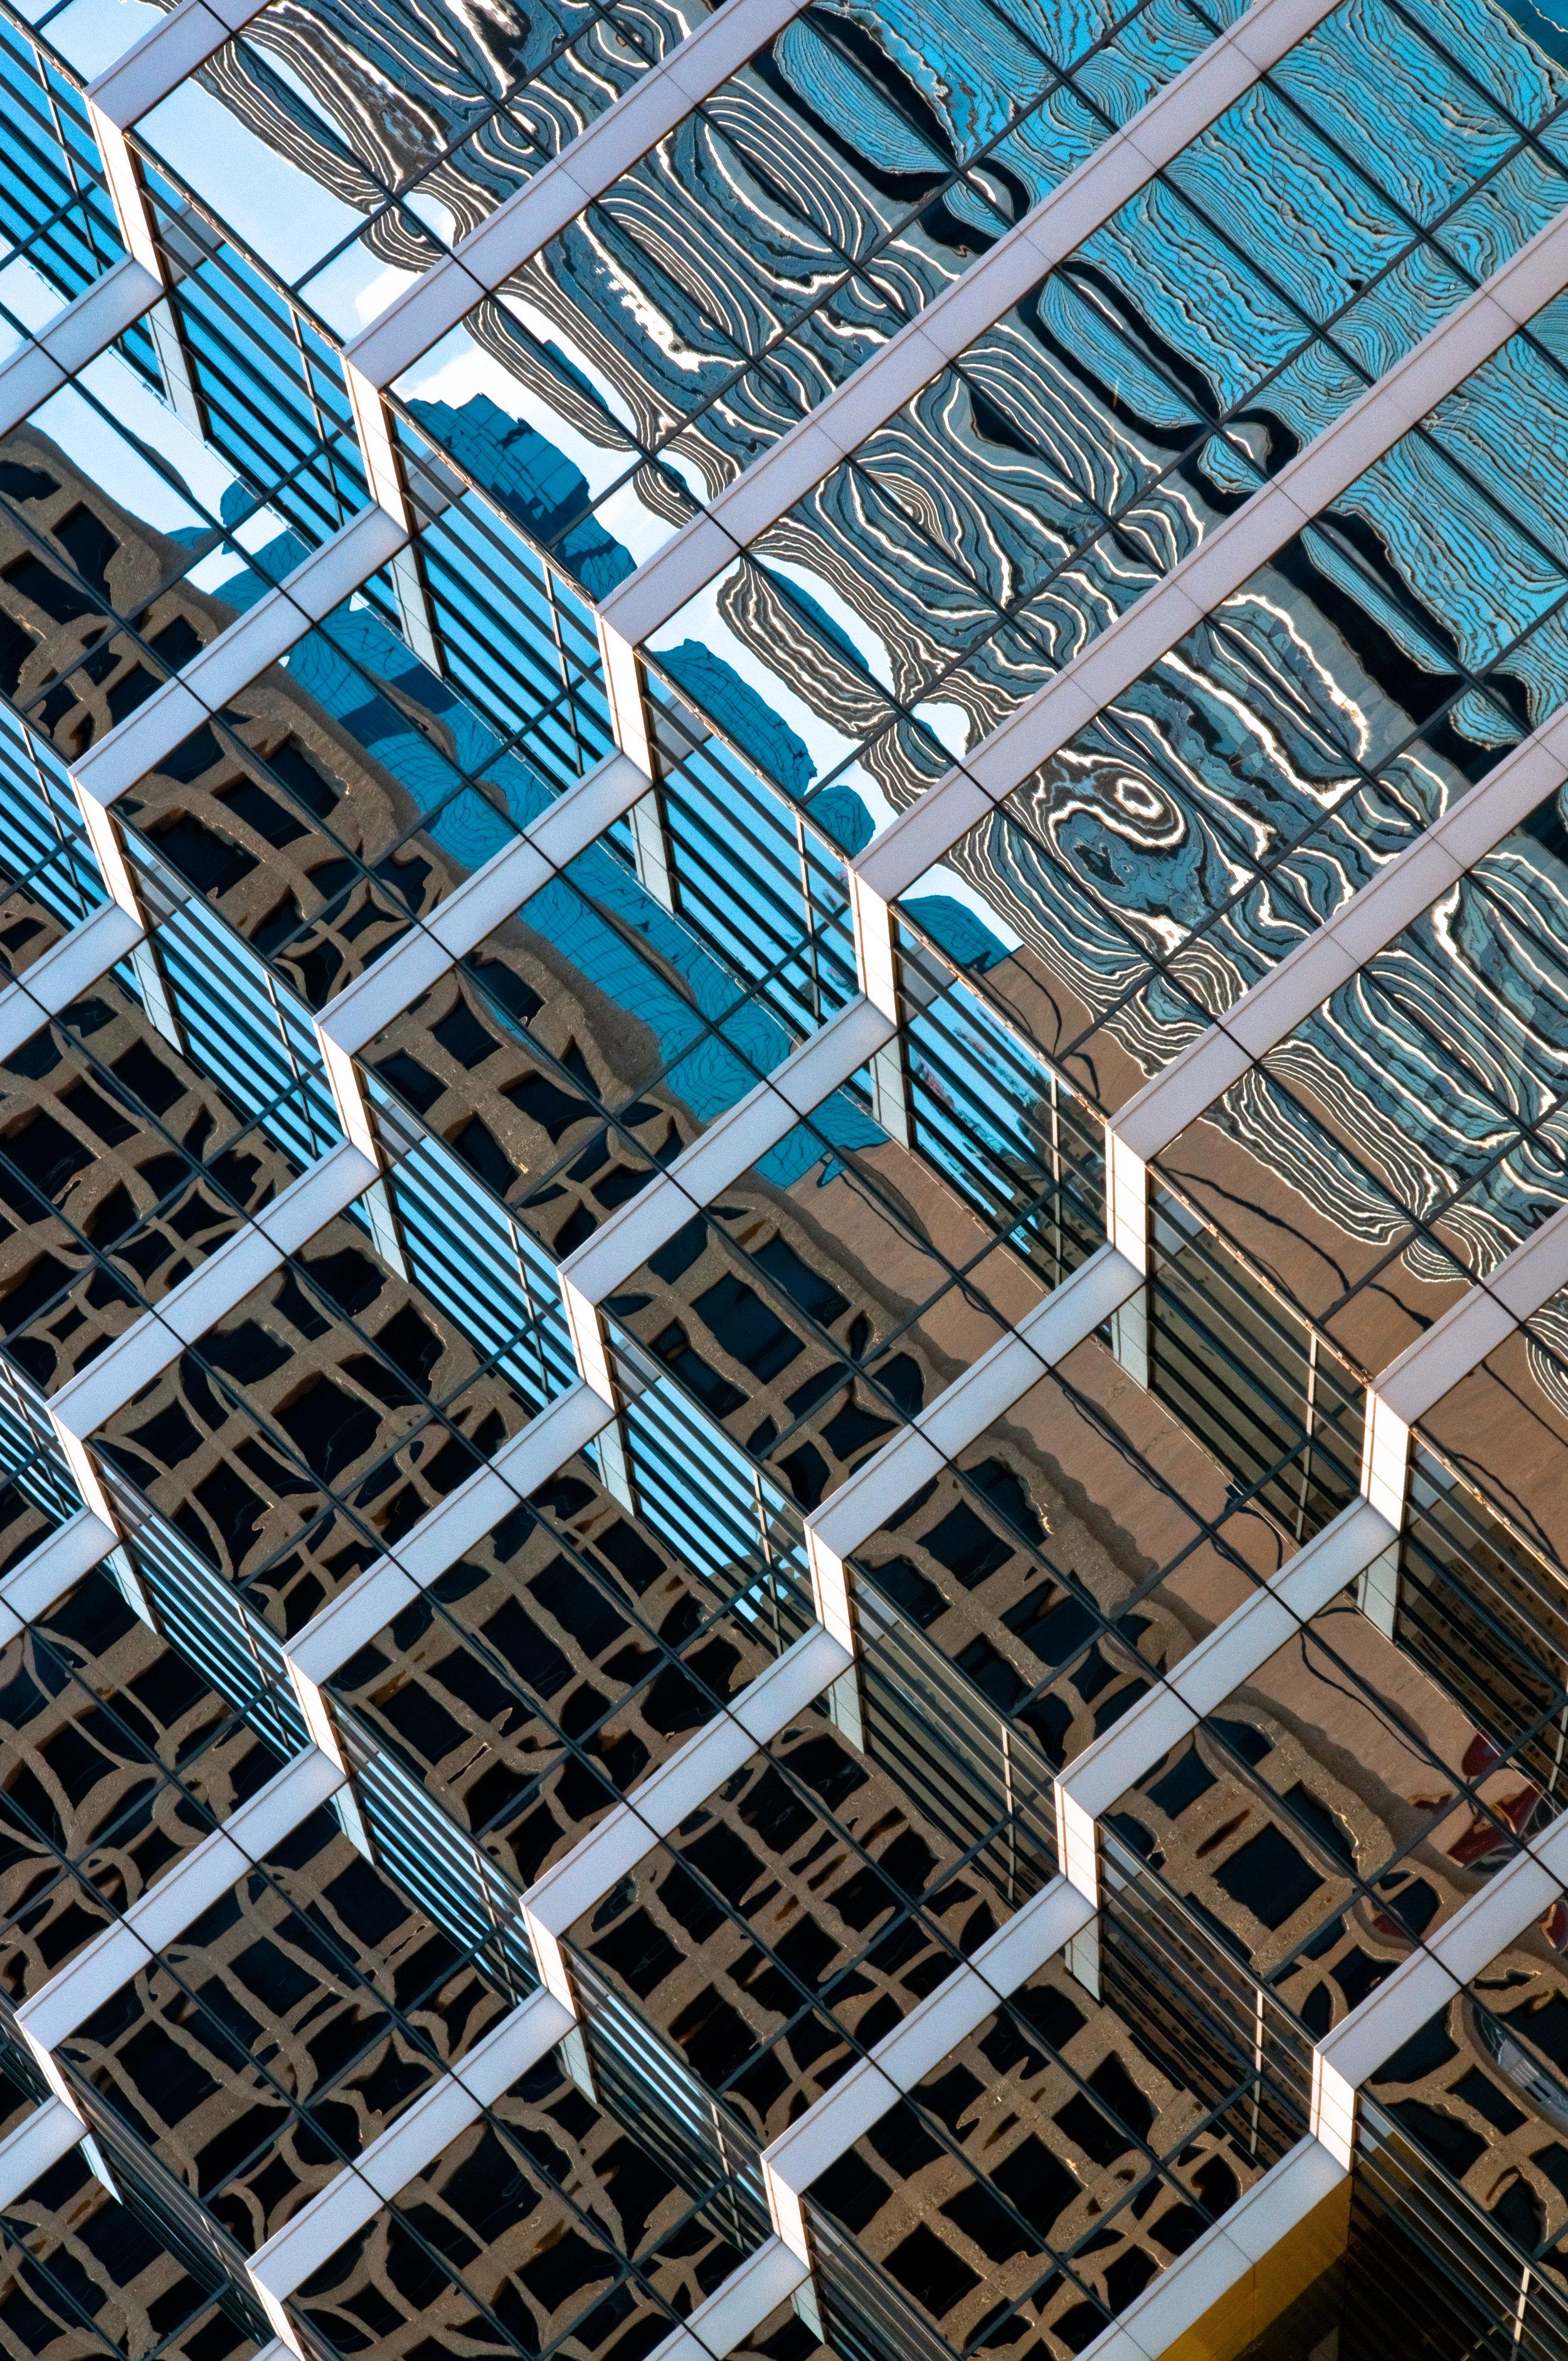 Escherized - Dallas - 2010